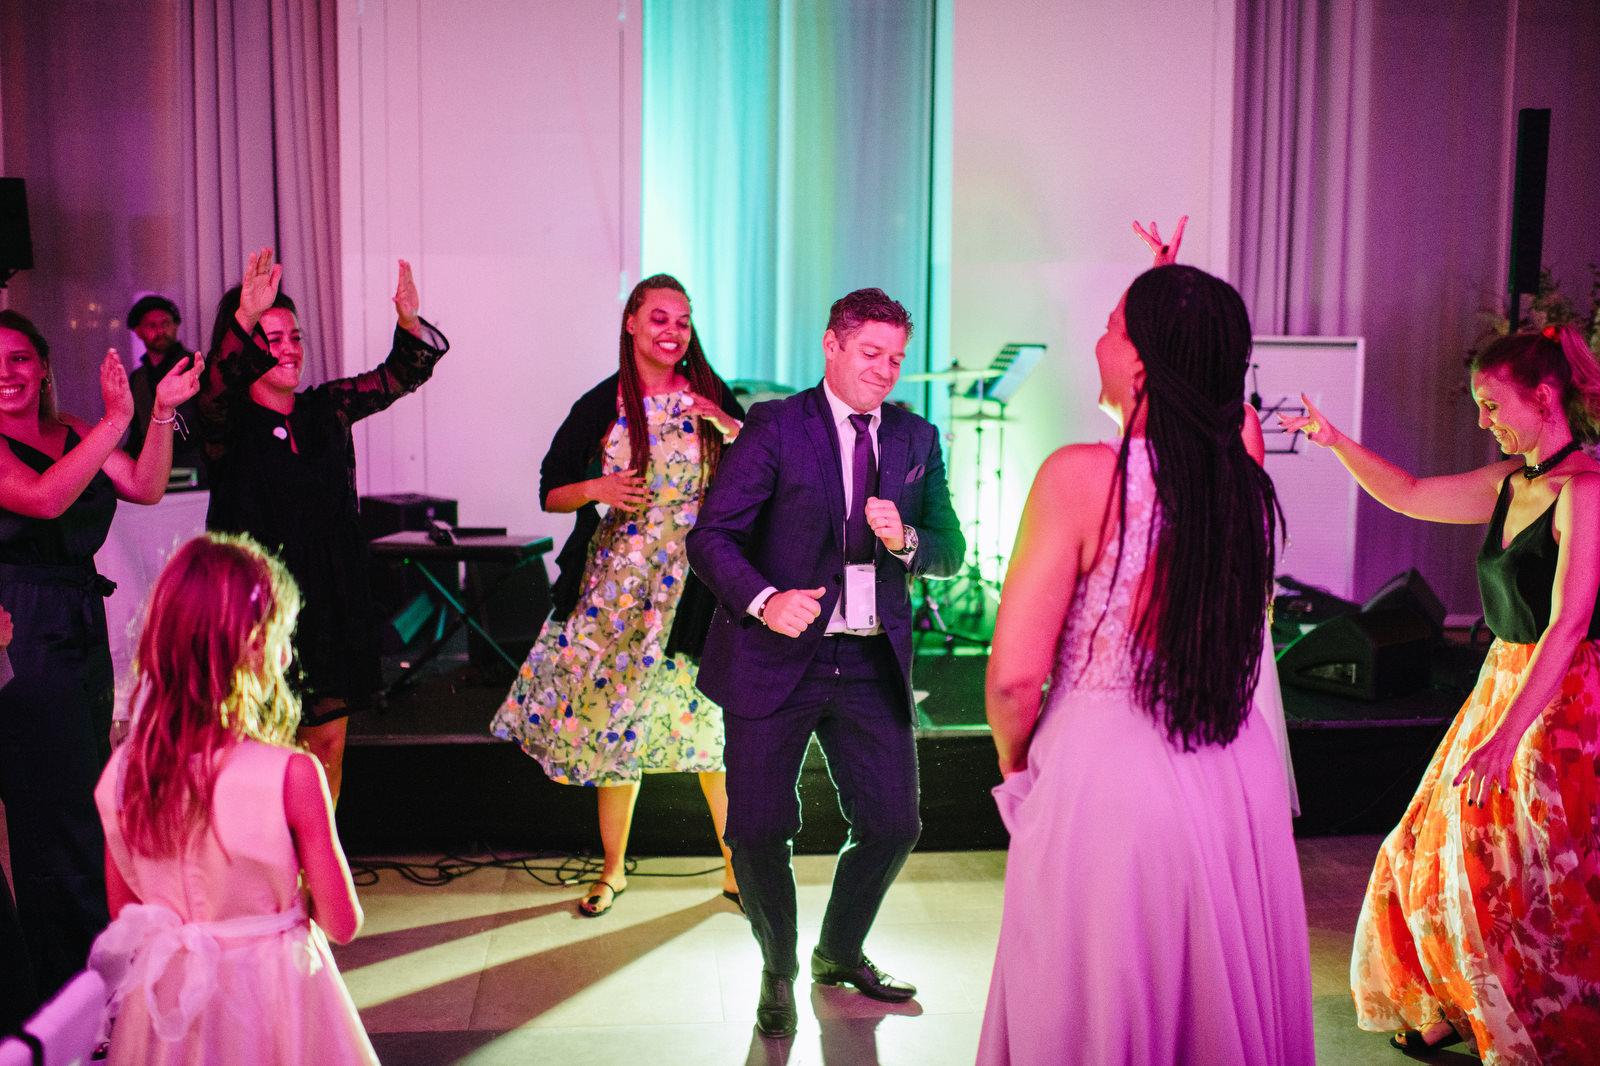 Fotograf Konstanz - Luxus Hochzeit Fotograf Grand Resort Bad Ragaz Schweiz Lichtenstein 215 - Destination wedding at the Grand Resort Bad Ragaz, Swiss  - 215 -